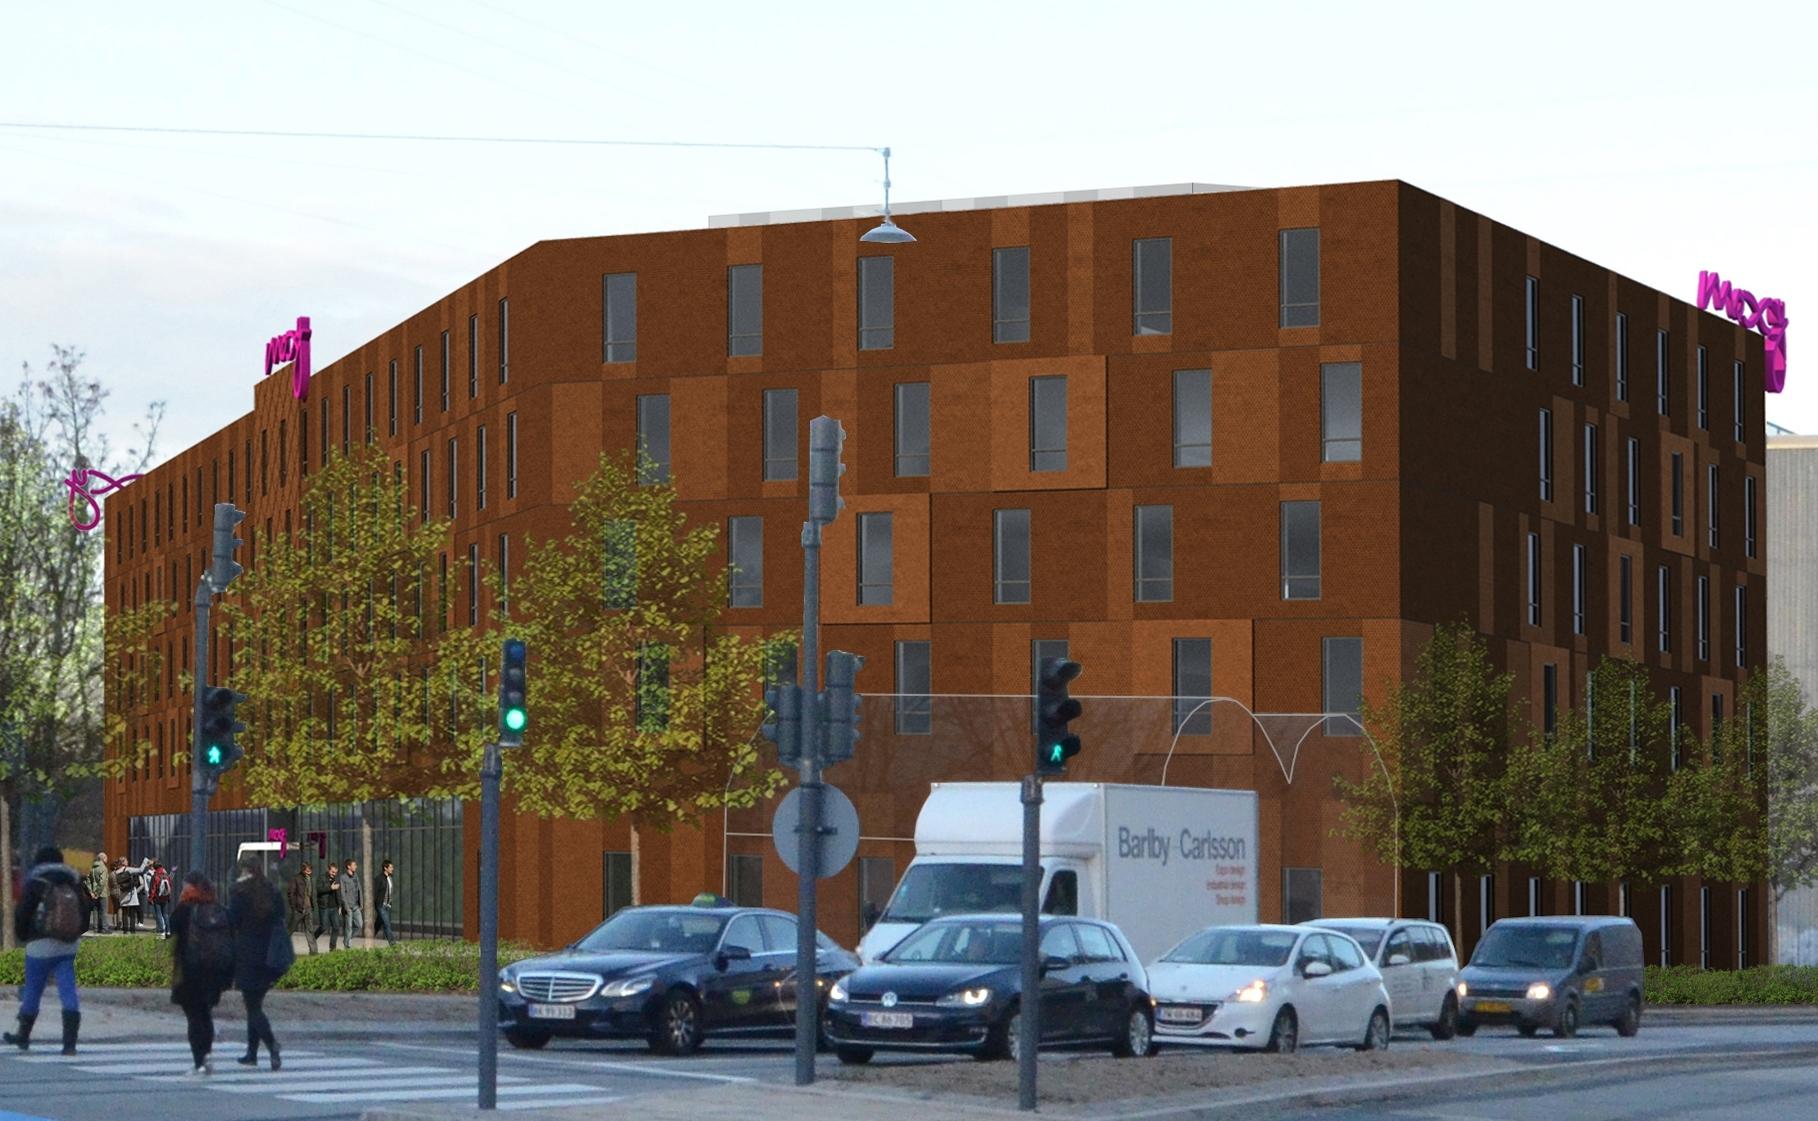 København får til marts næste år sit tredje medlem af Marriott-kæden, denne gang et Moxy-hotel med 228 værelser. Illustration: Moxy Hotels.